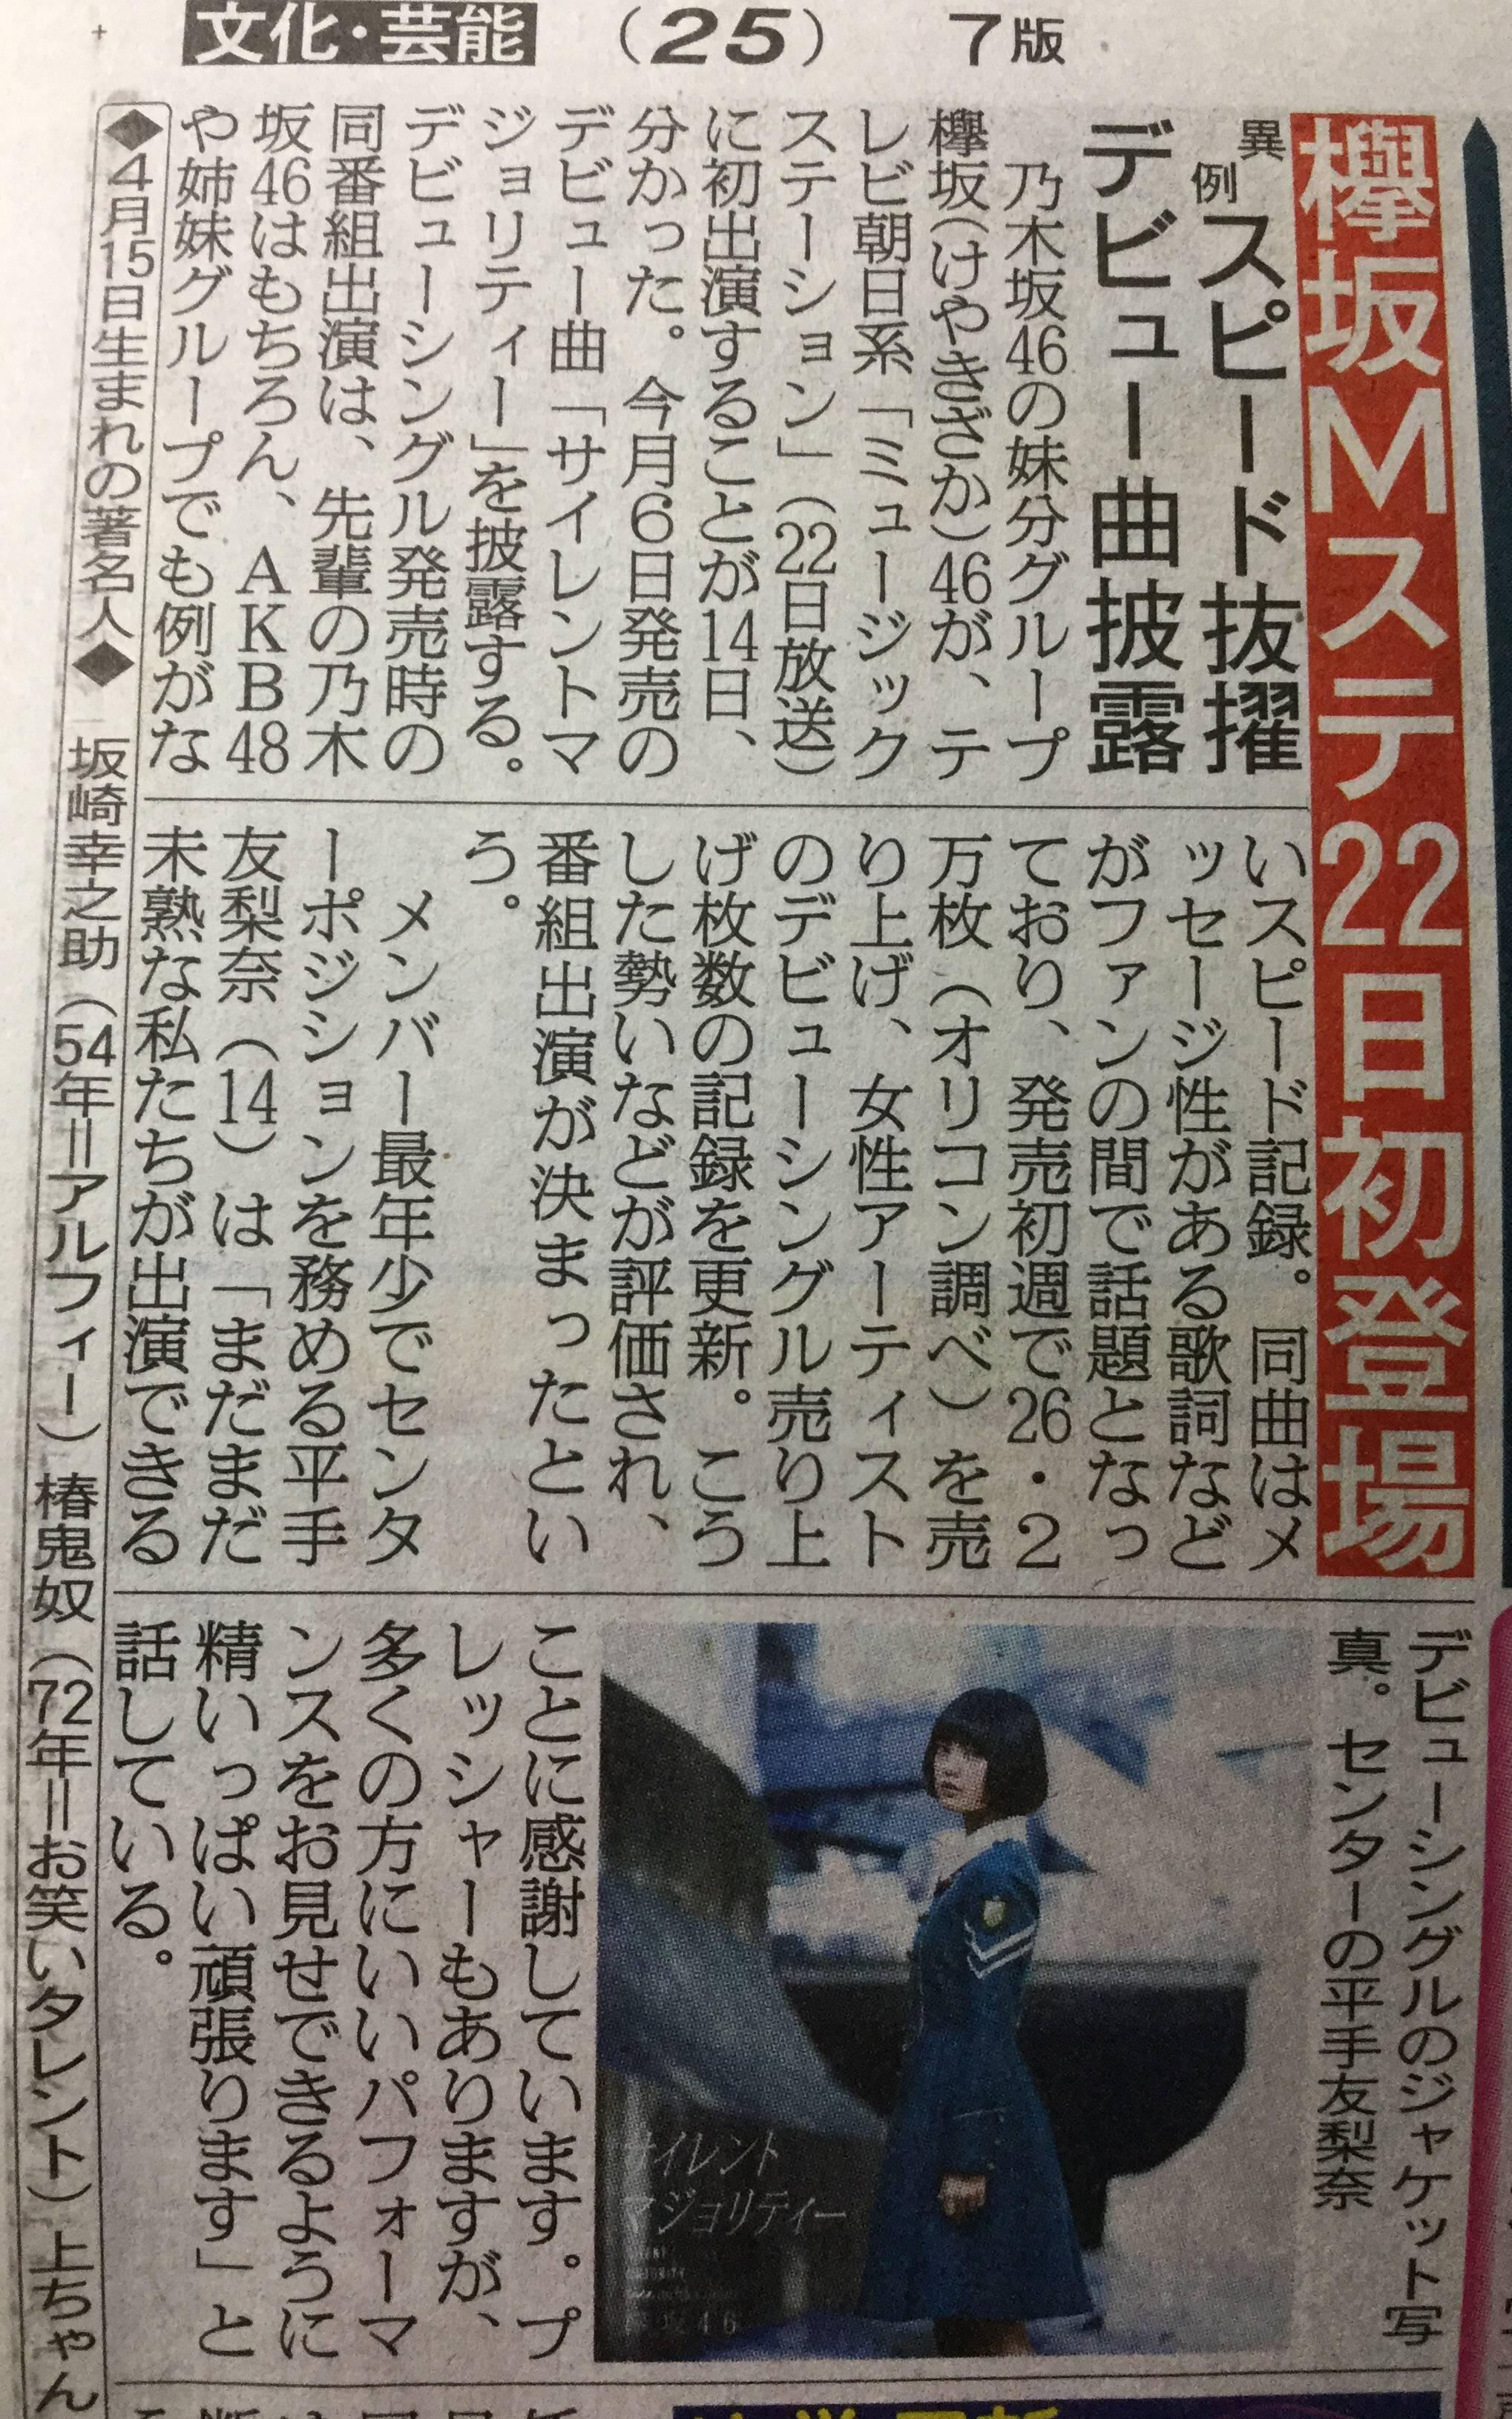 欅坂 Mステ 記事